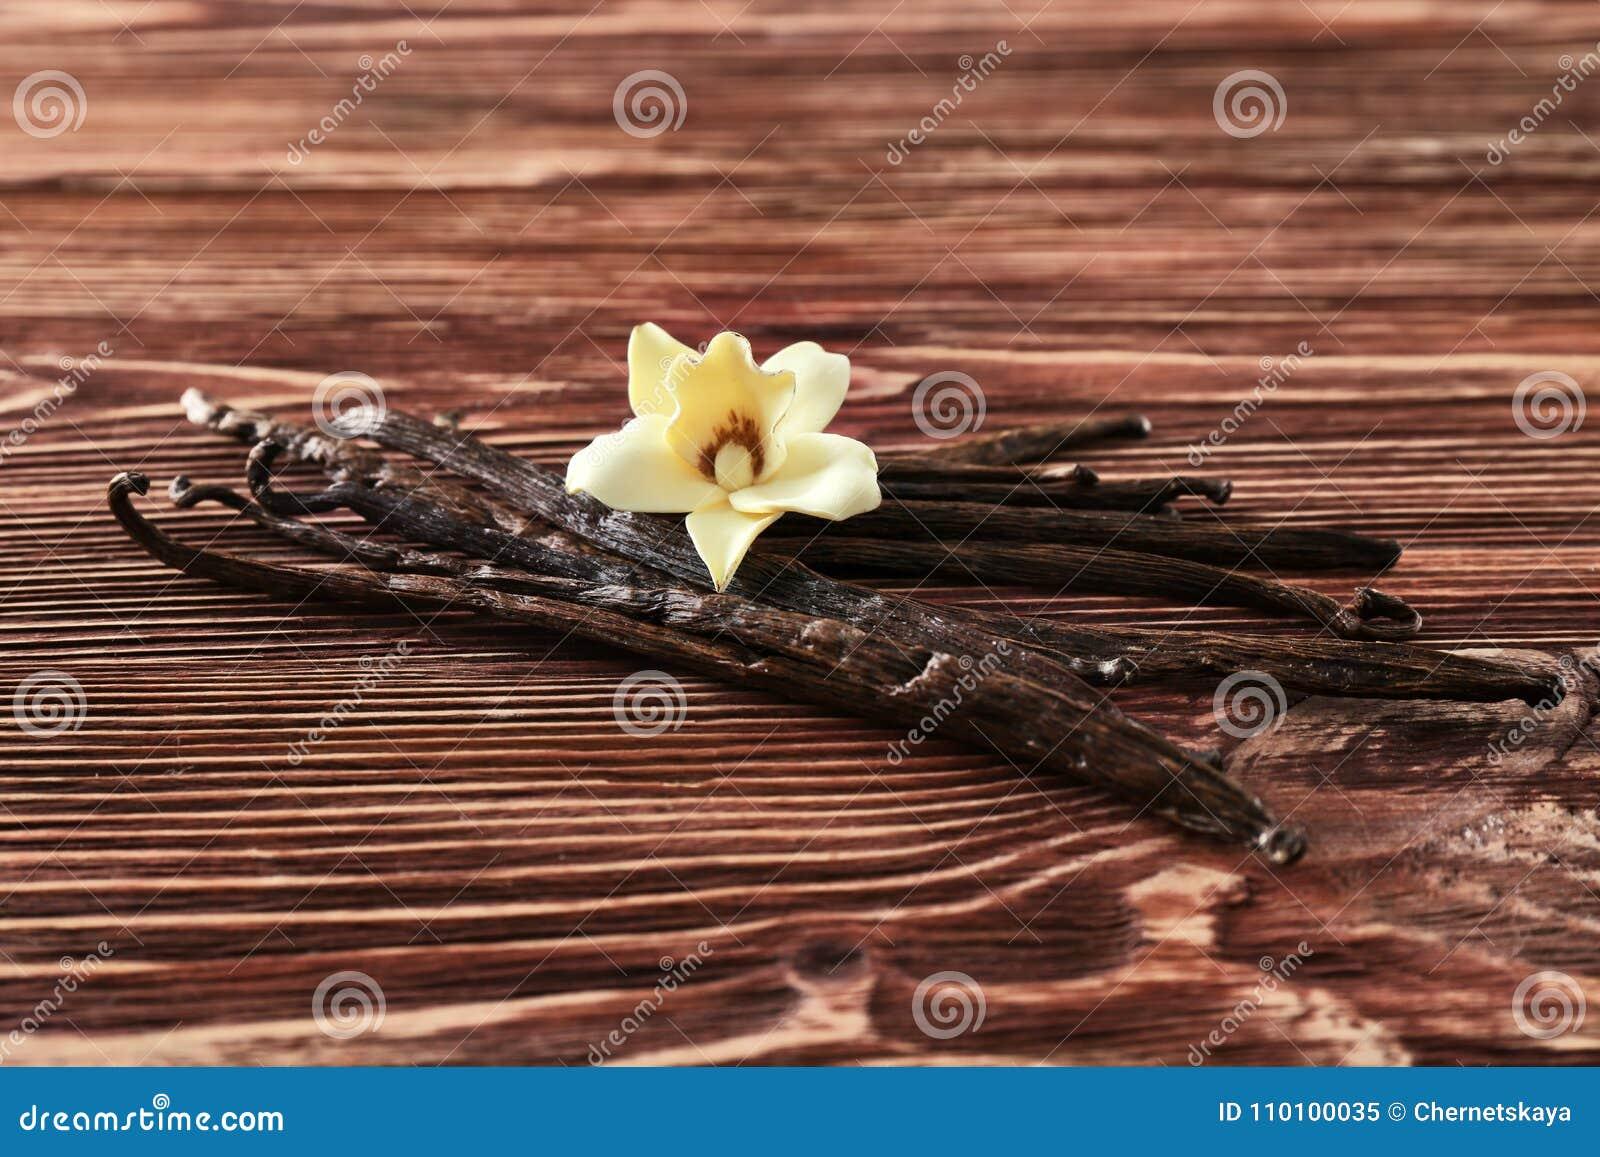 Bastoni e fiore della vaniglia su fondo